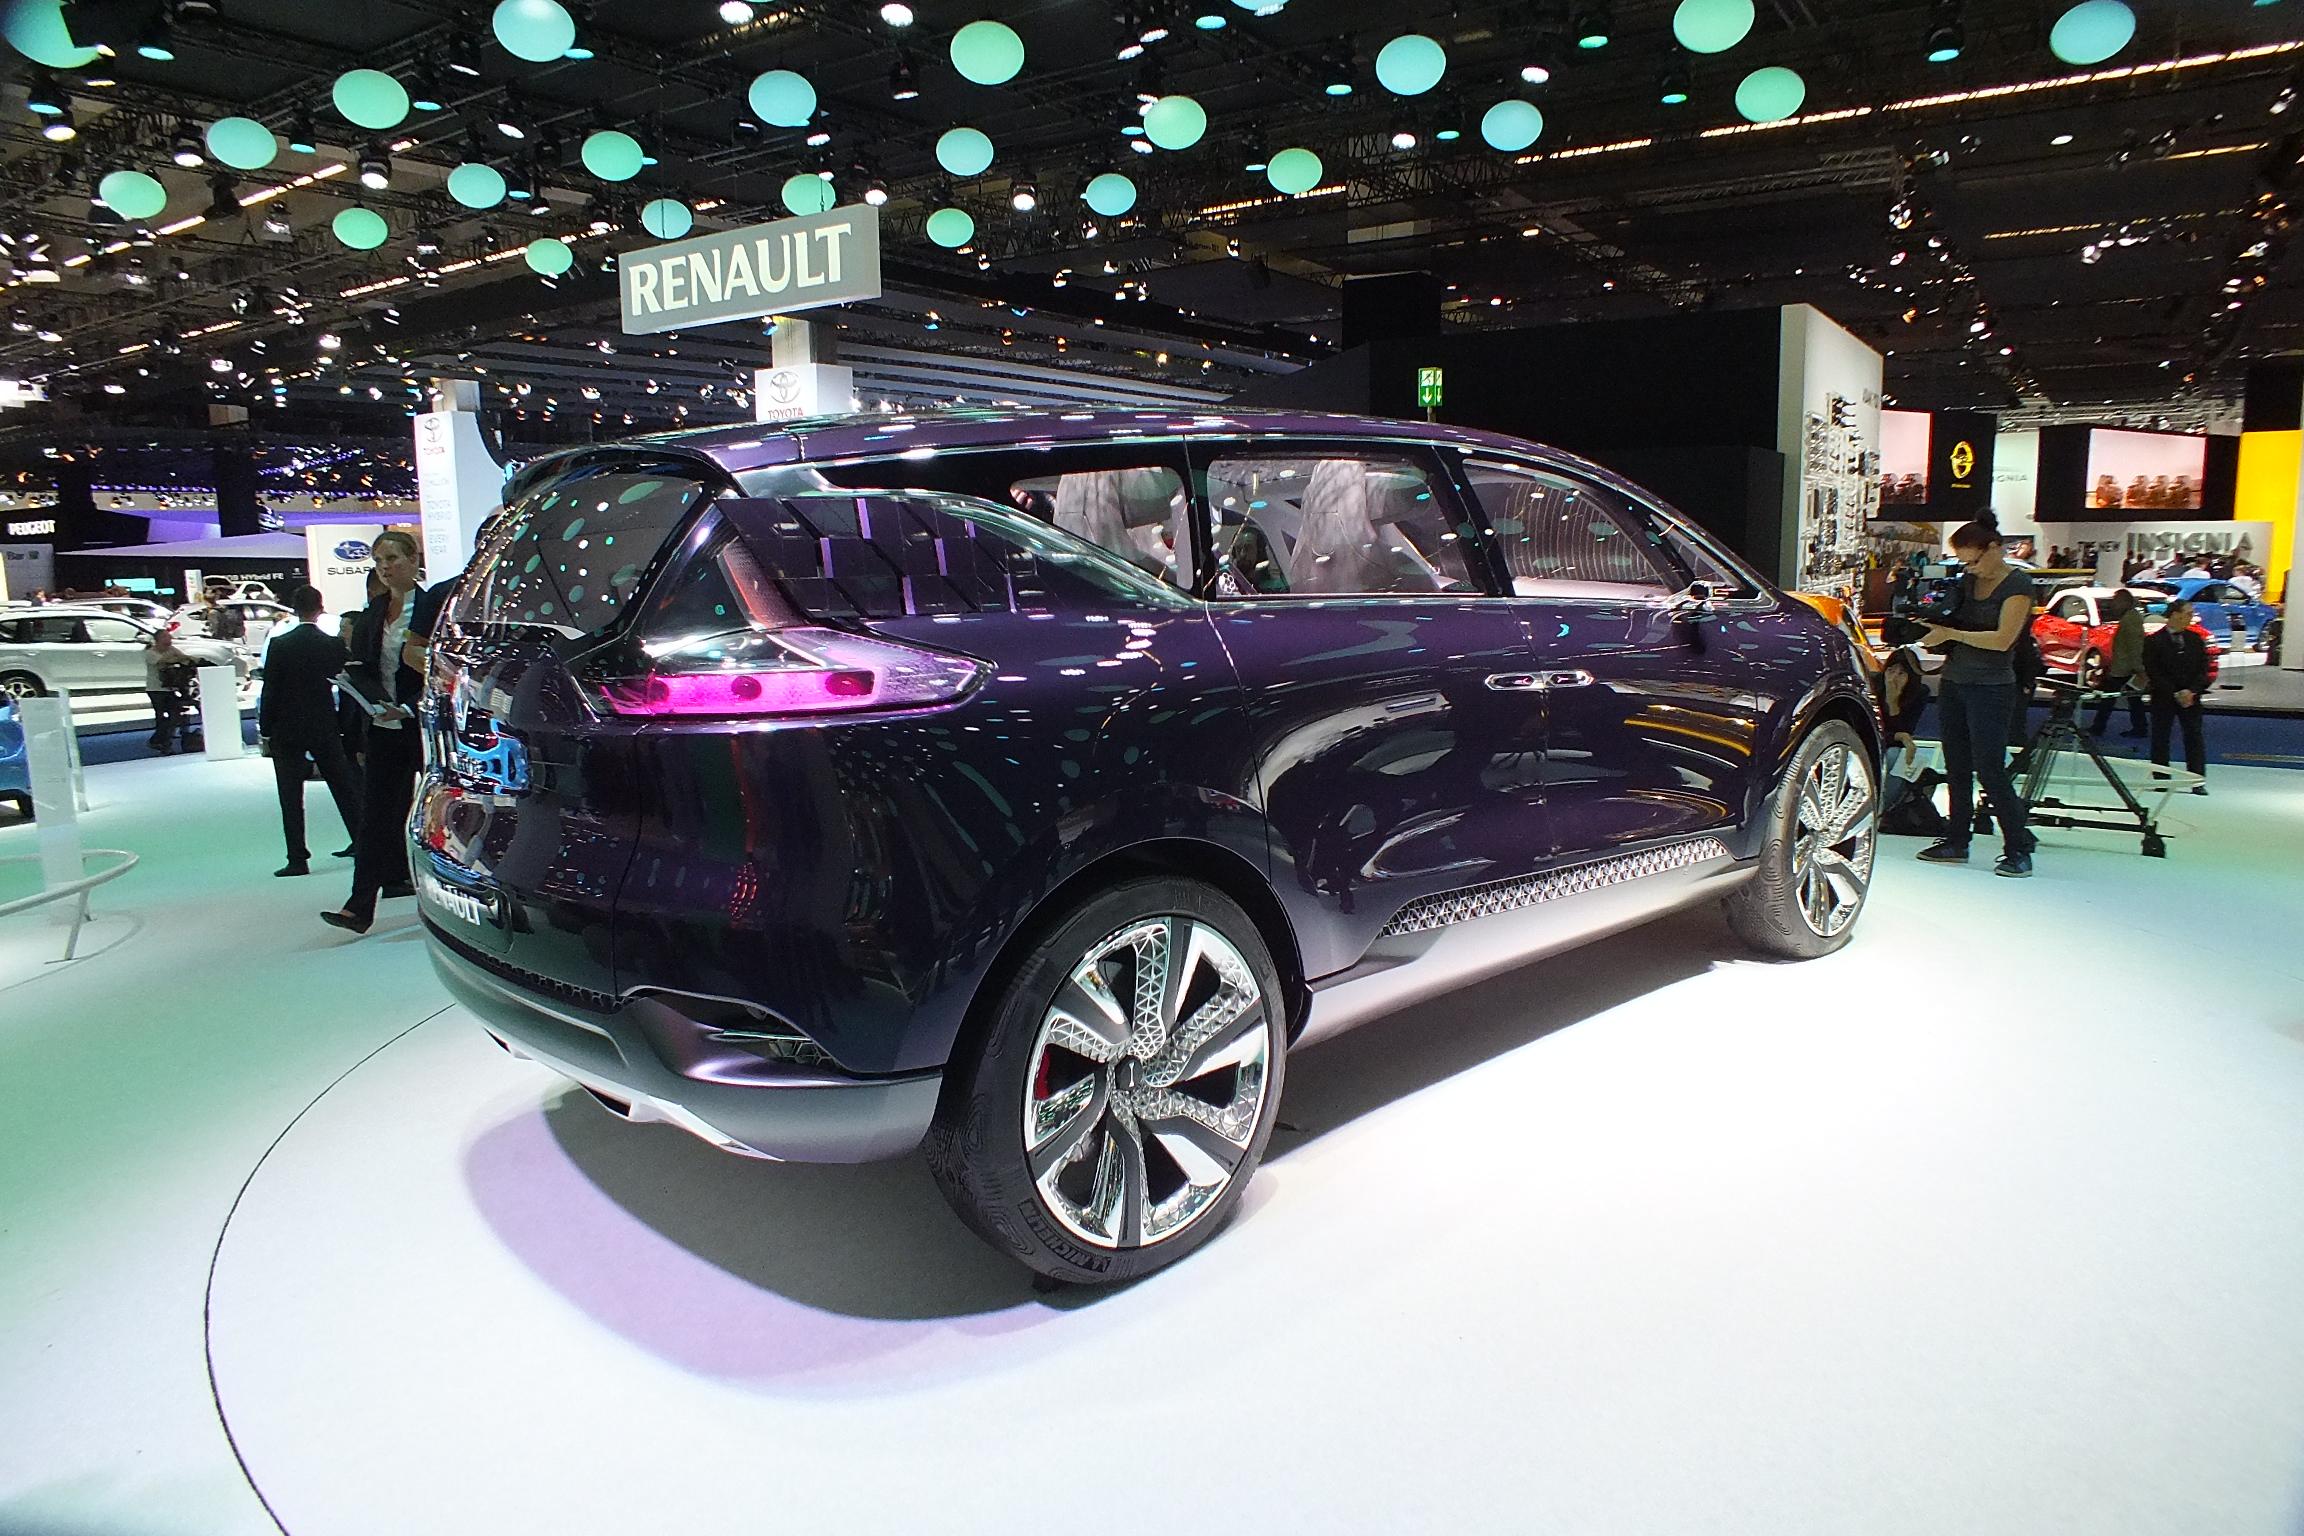 http://images.caradisiac.com/images/9/1/0/0/89100/S0-En-direct-du-salon-de-Francfort-2013-Renault-Concept-Initiale-Paris-le-6e-petale-fait-Bling-302674.jpg